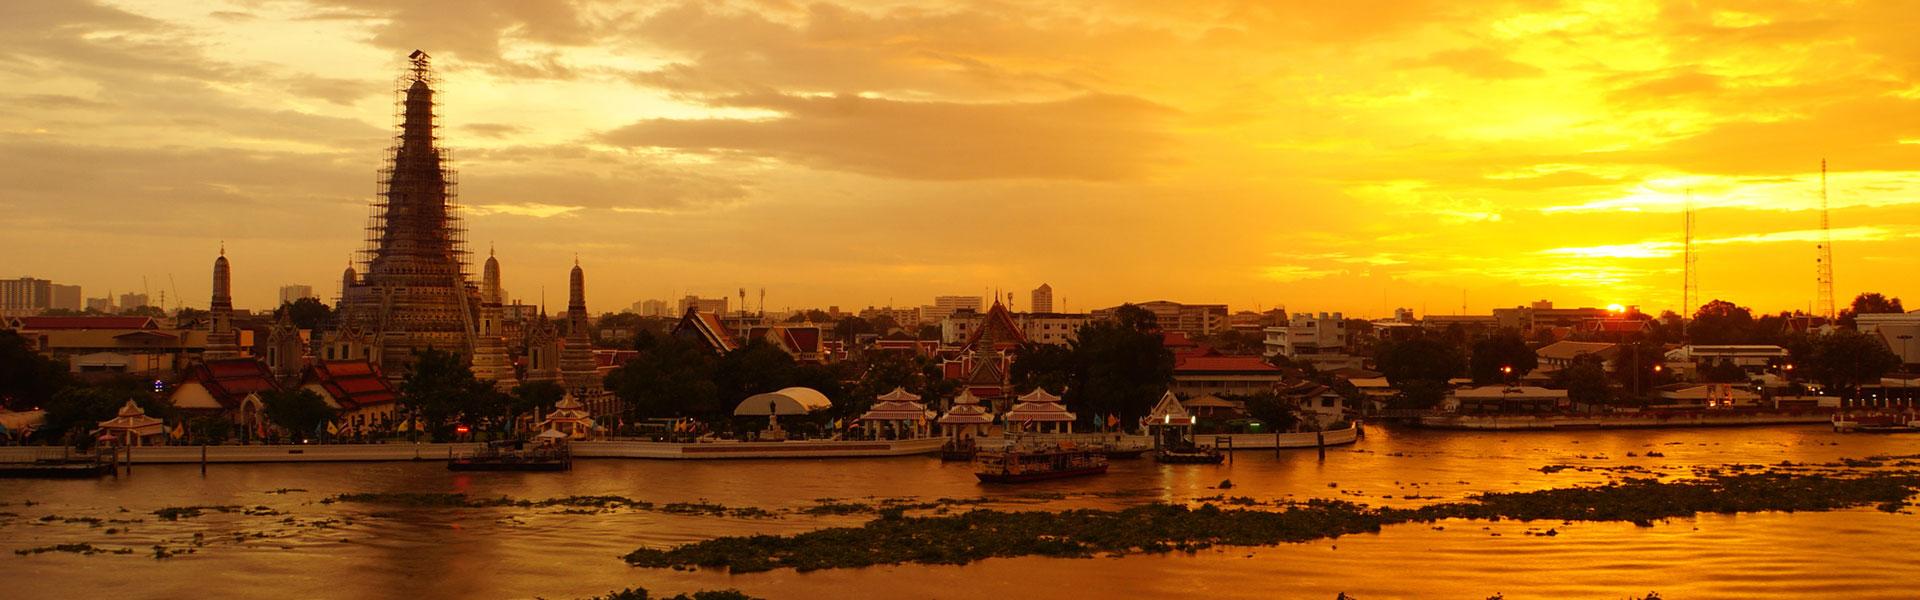 タイ旅行を検索する